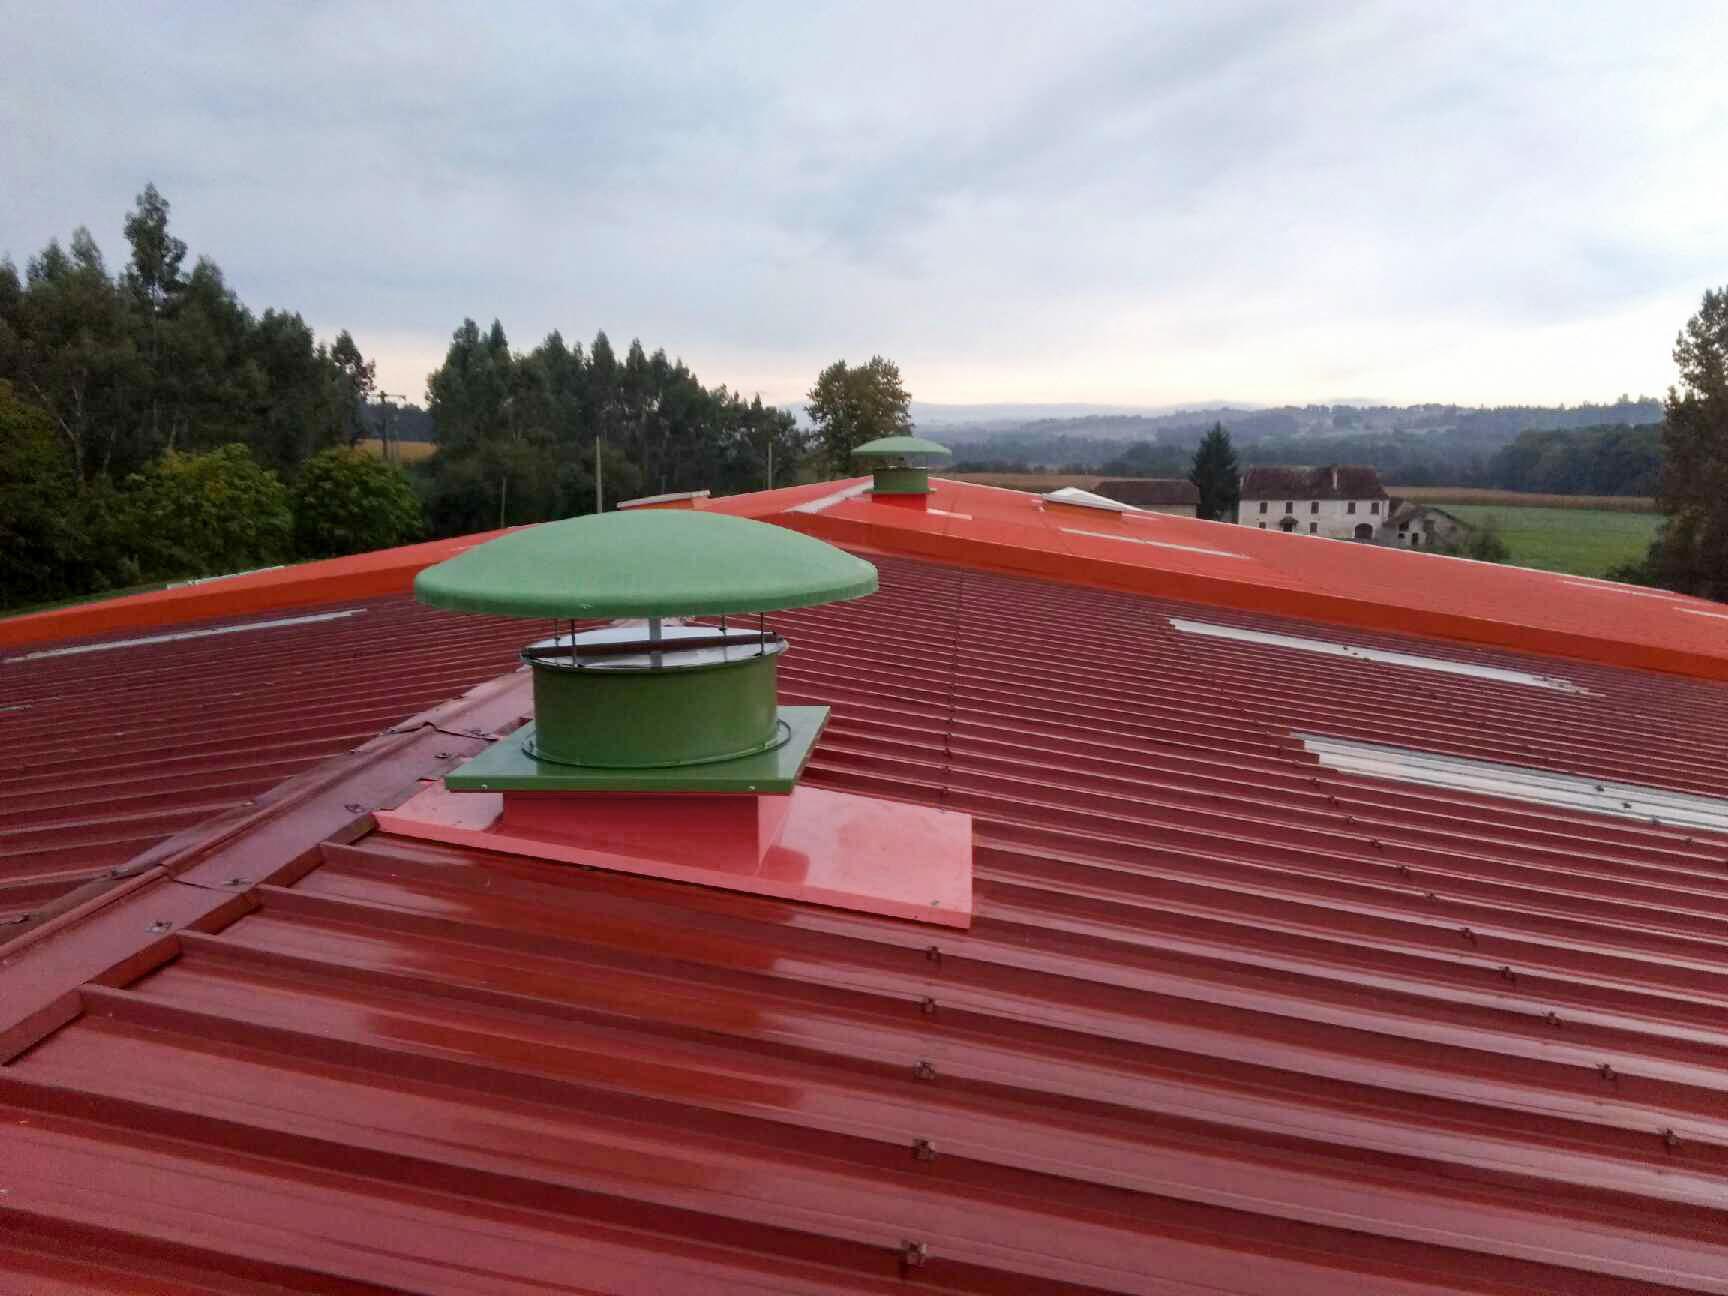 Tourelle toiture posée sur souche toiture pour extraction de fumée de soudure dans atelier, avec clapet anti retour.